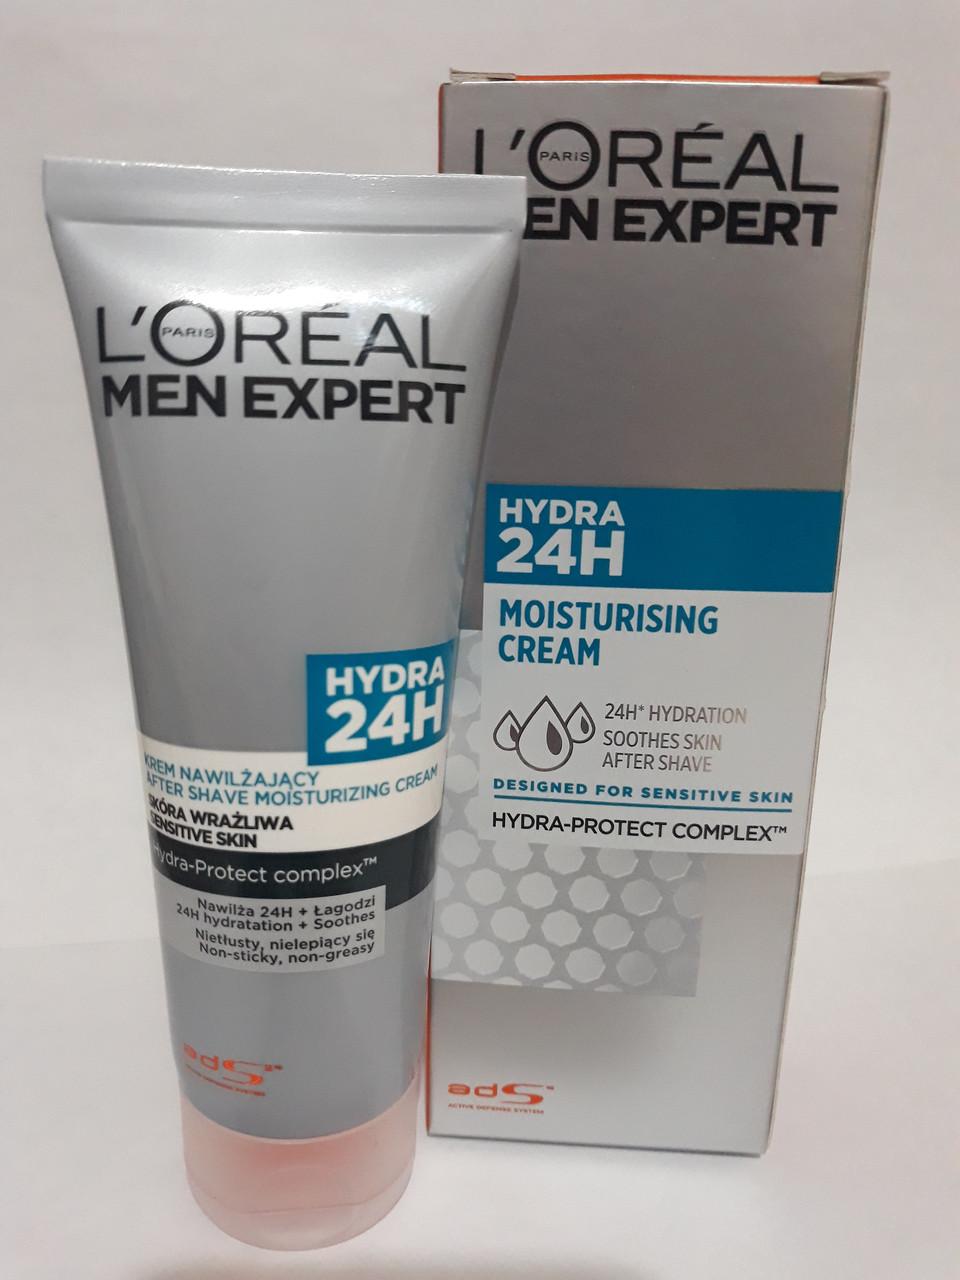 Чоловічий воложуючий крем для обличчя  для чутливої  шкіри L'Oreal Men Expert 75мл.